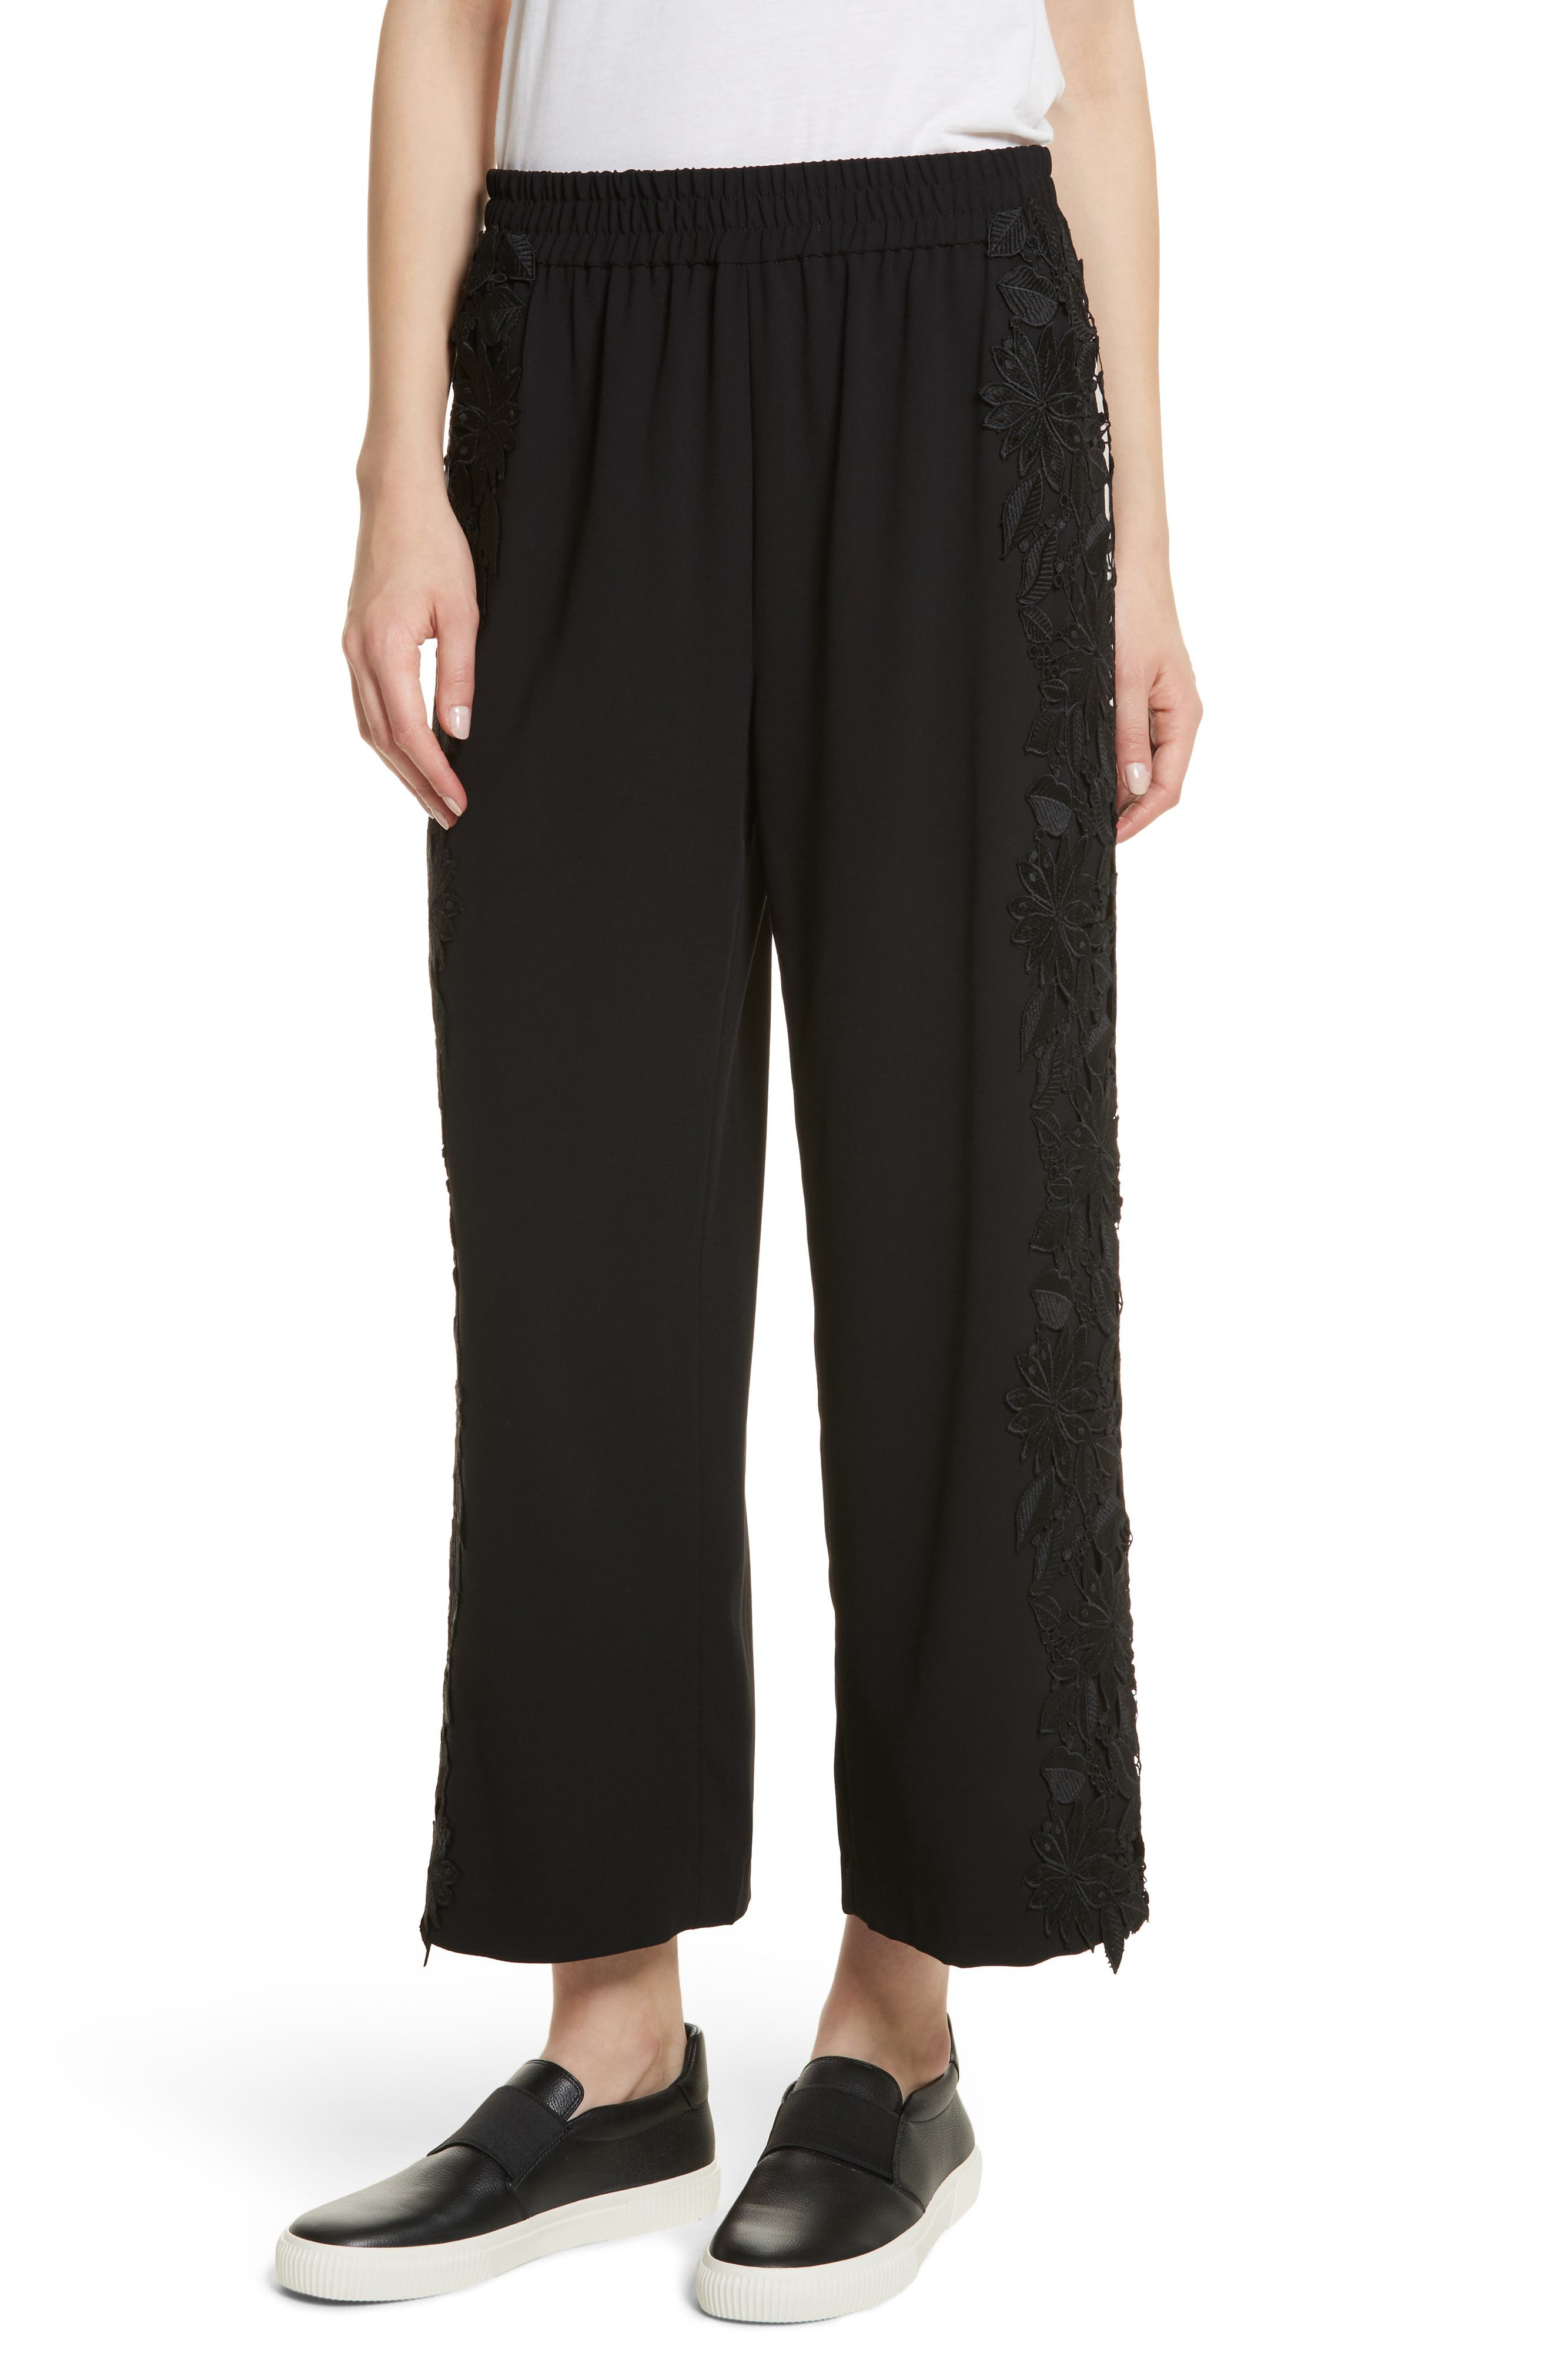 Benny Side Lace Crop Pants,                             Main thumbnail 1, color,                             001